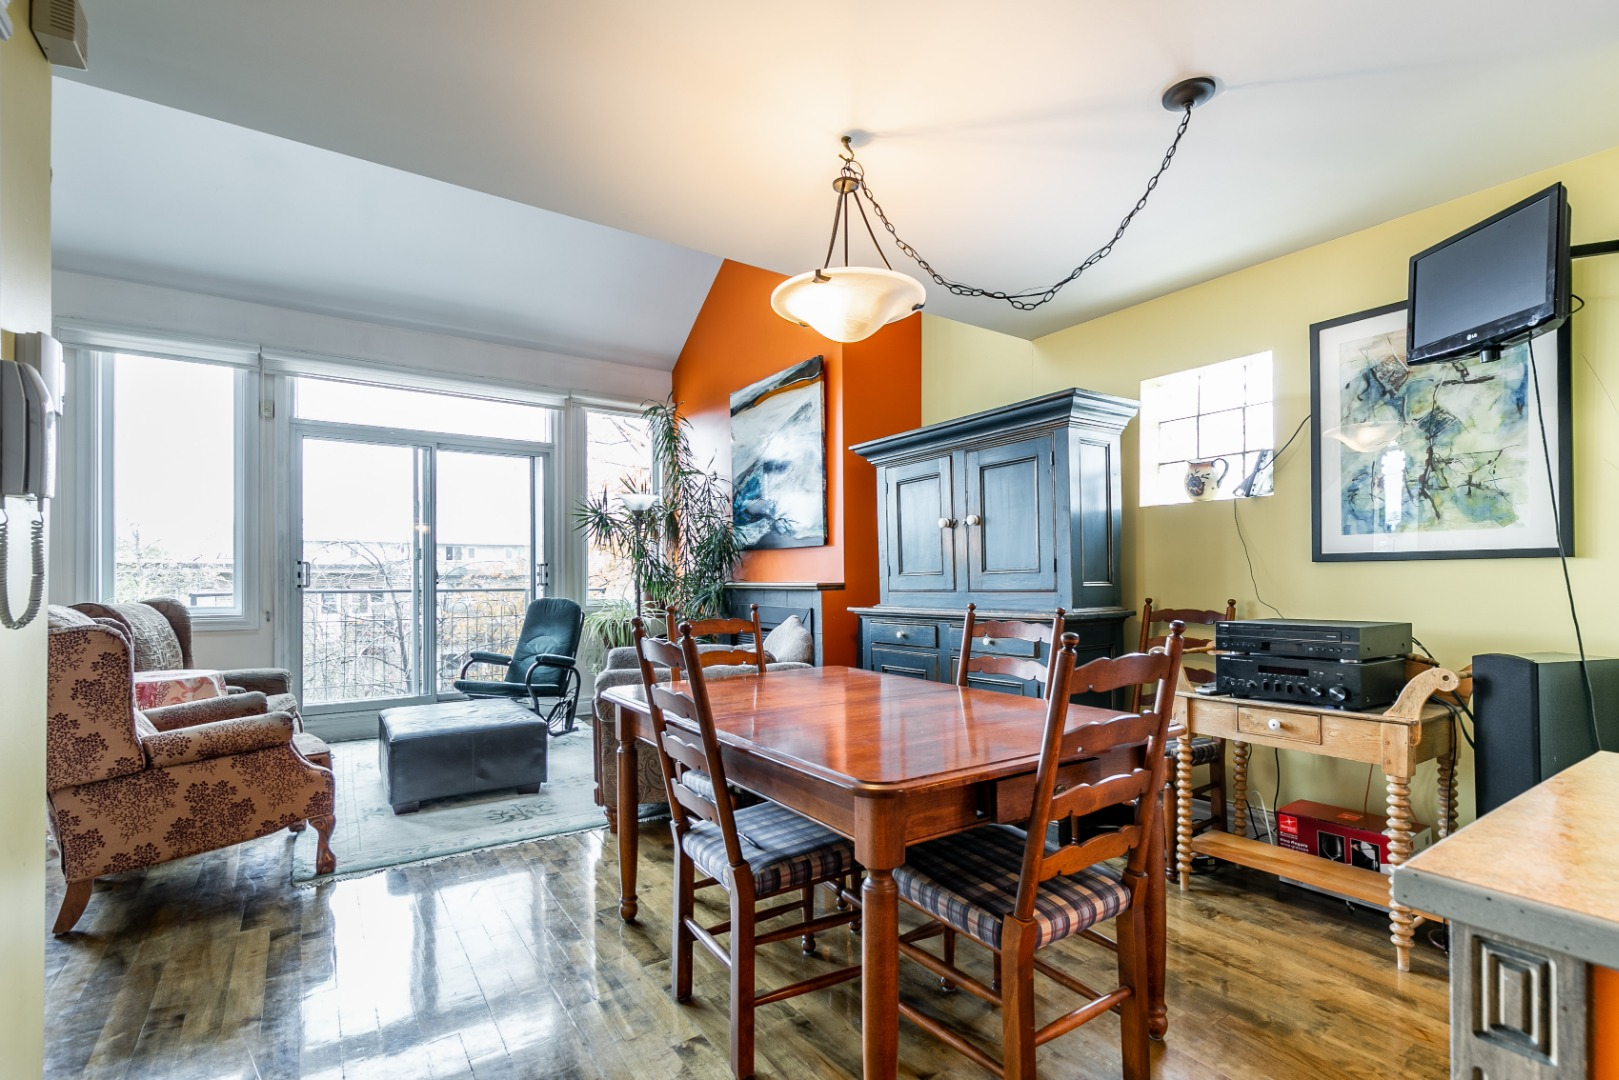 Condo à vendre Rosemont 6529 rue Cartier Montréal-11.jpg